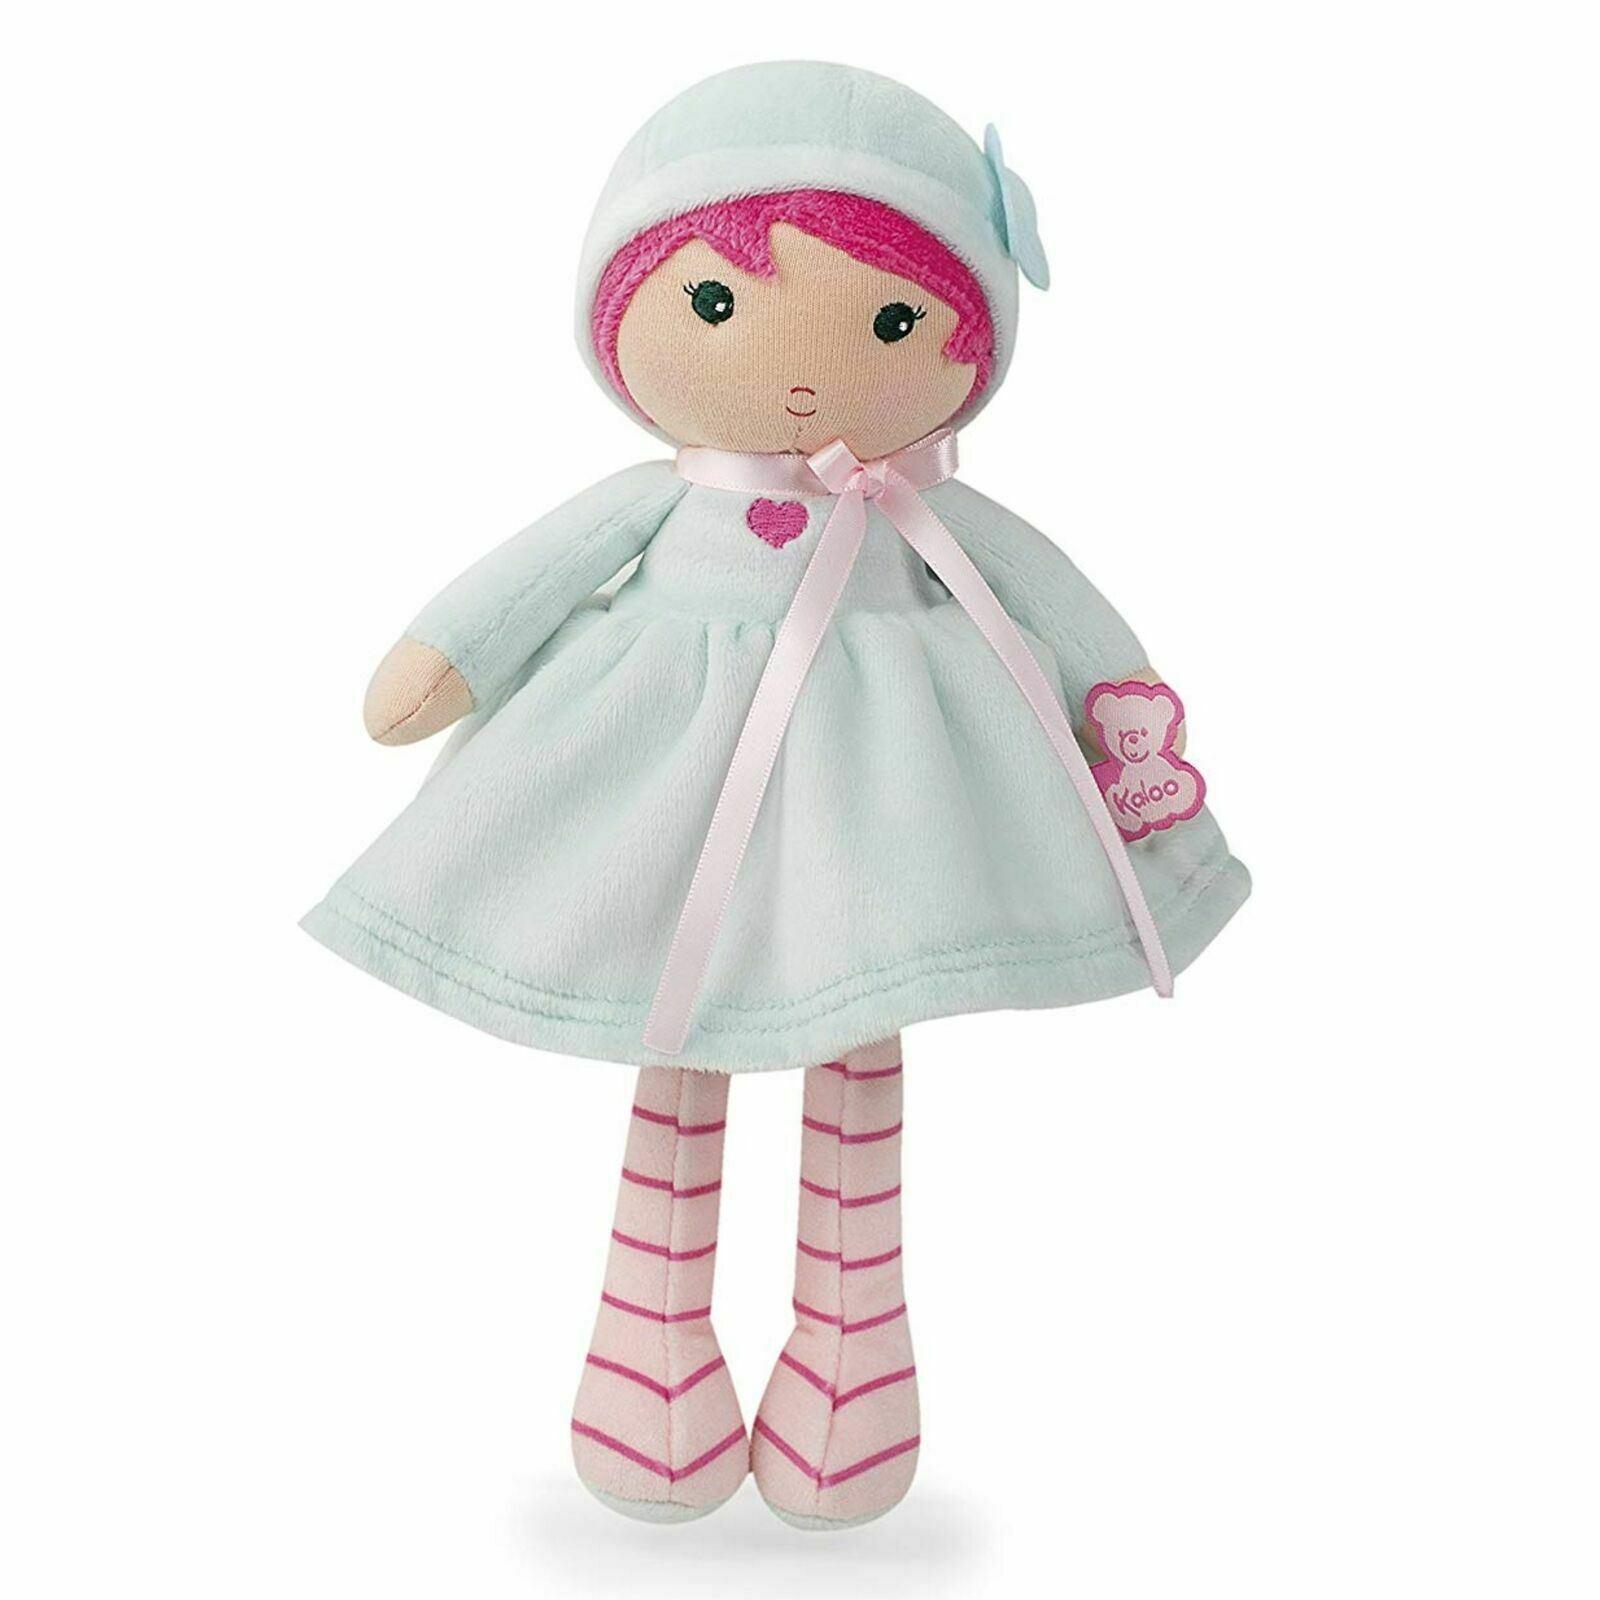 KALOO Azur K poupée-PETITE BABY SOFT TOYS activités Cadeau BN